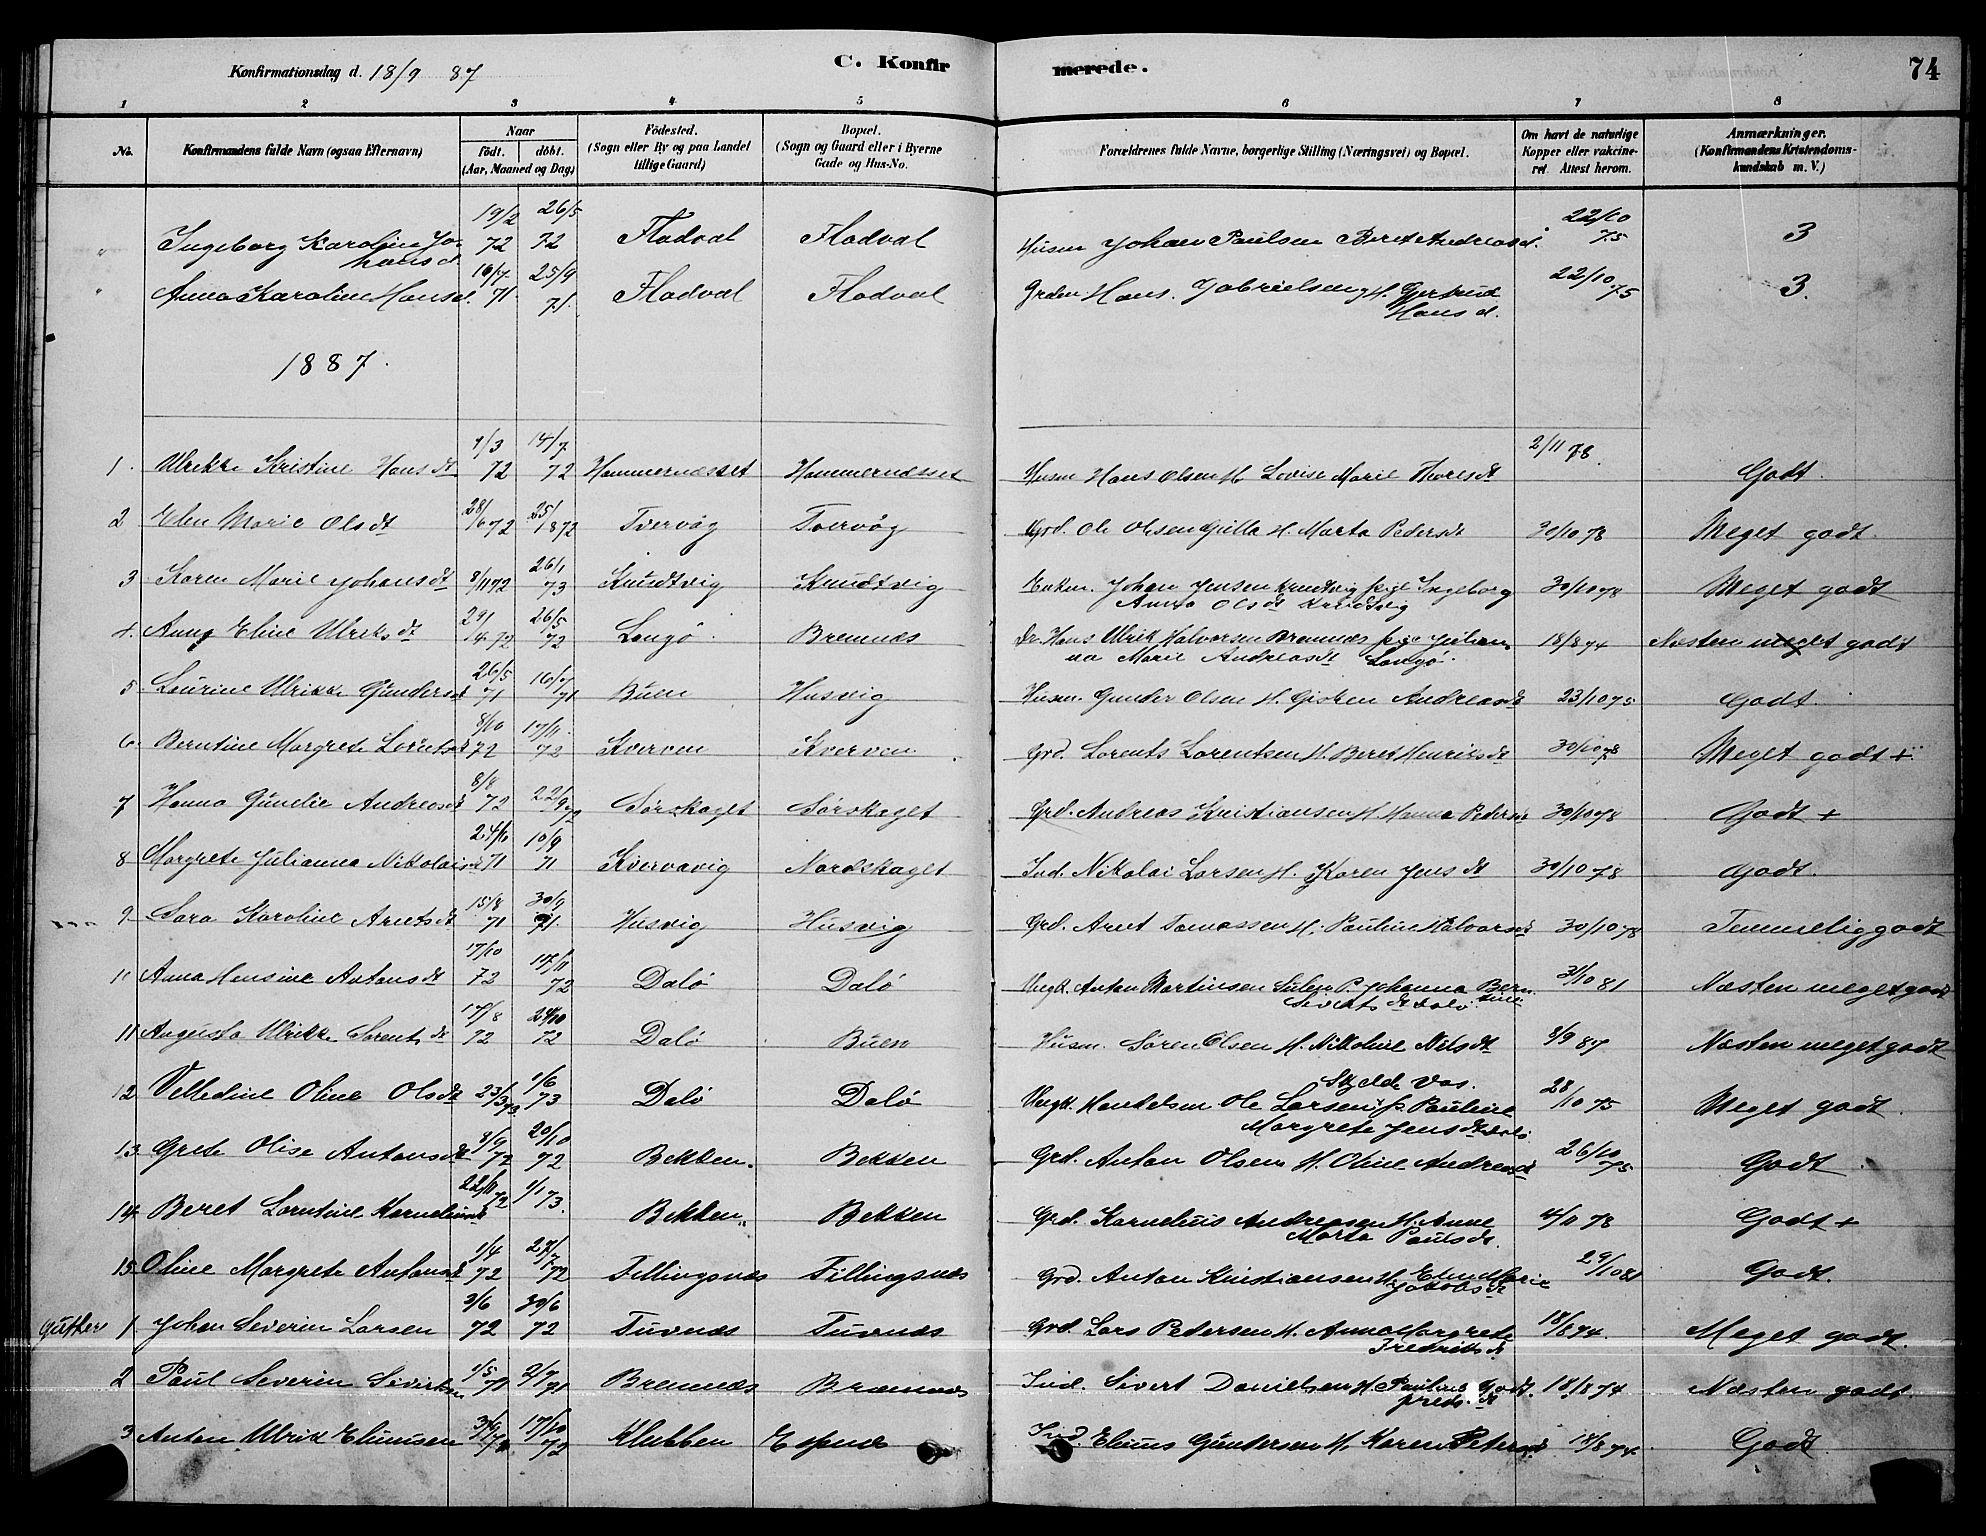 SAT, Ministerialprotokoller, klokkerbøker og fødselsregistre - Sør-Trøndelag, 641/L0597: Klokkerbok nr. 641C01, 1878-1893, s. 74